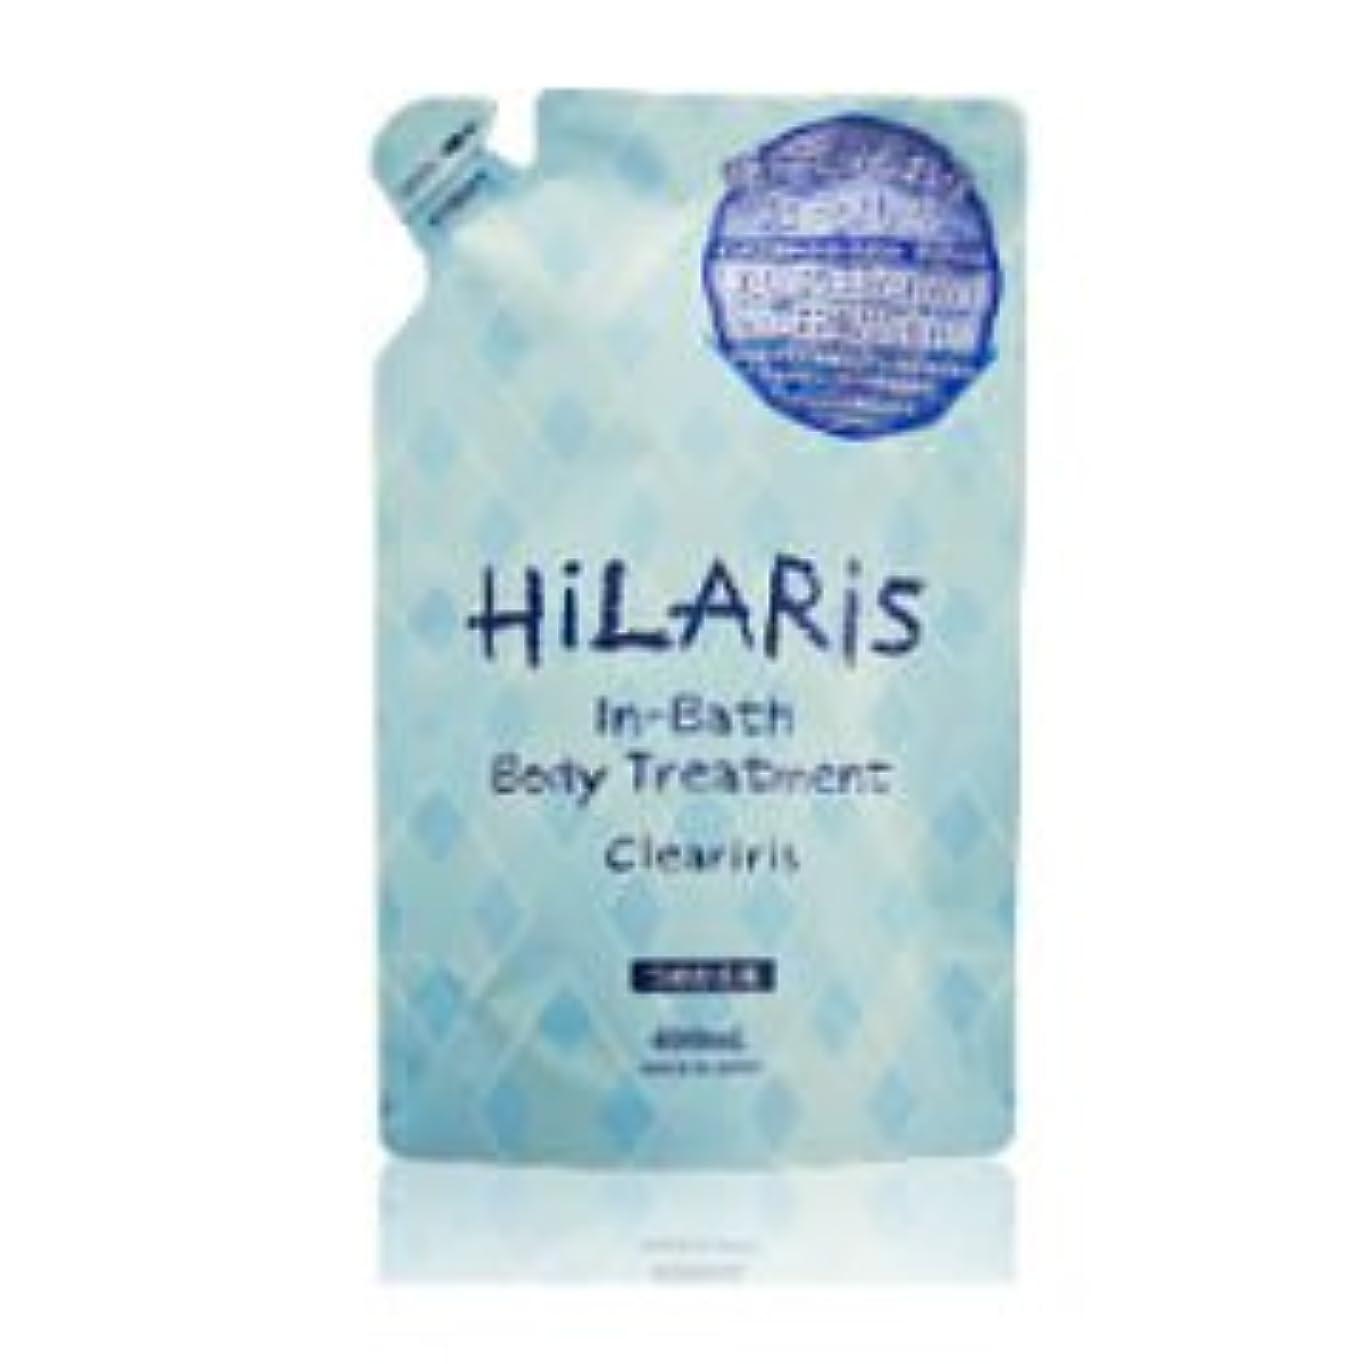 推定巻き取りブルヒラリス(HiLARiS)クリアイリスインバスボディトリートメント詰替